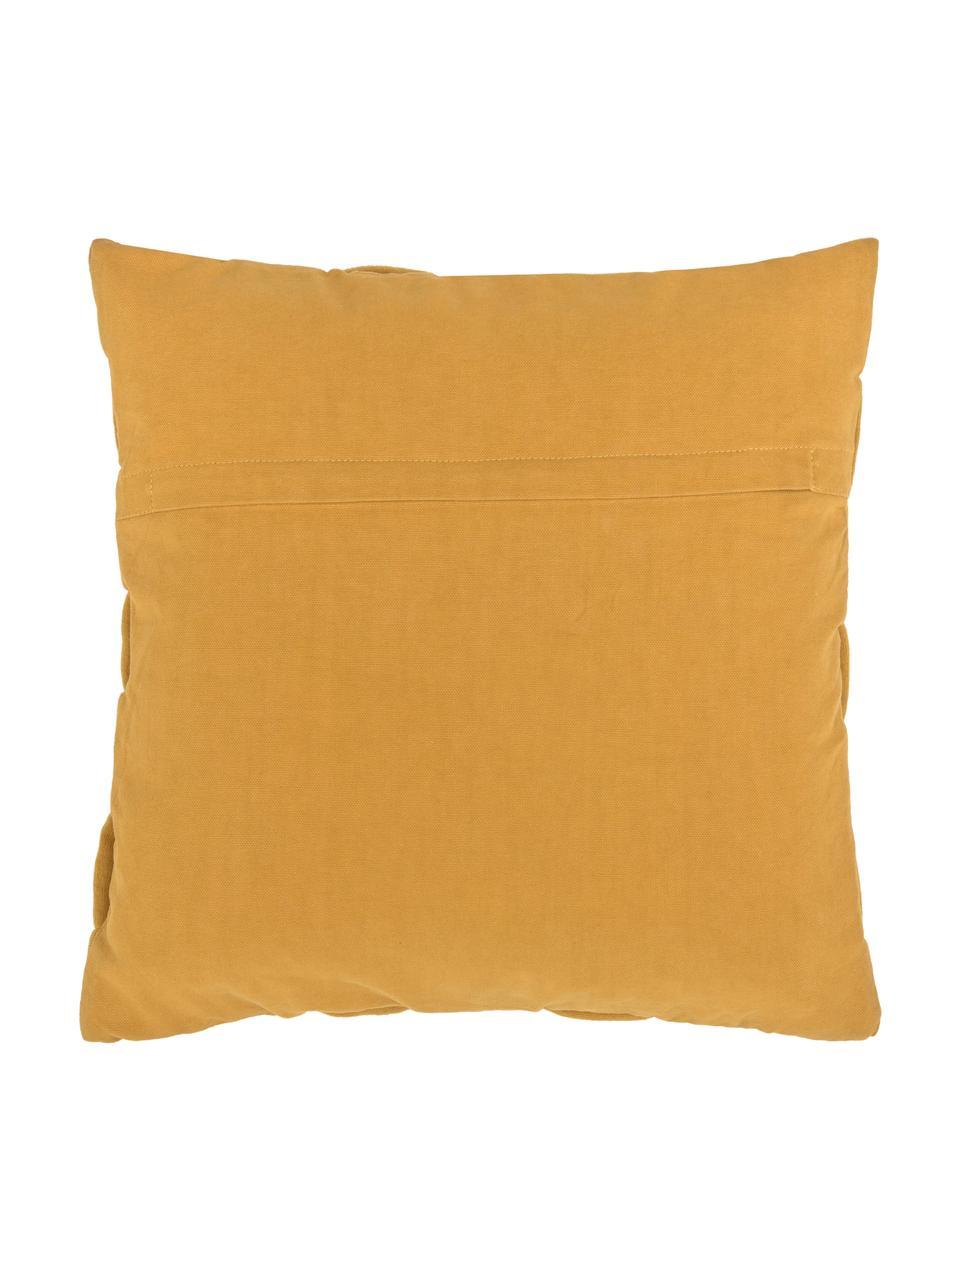 Federa arredo intrecciata Norman, Giallo senape, Larg. 40 x Lung. 40 cm